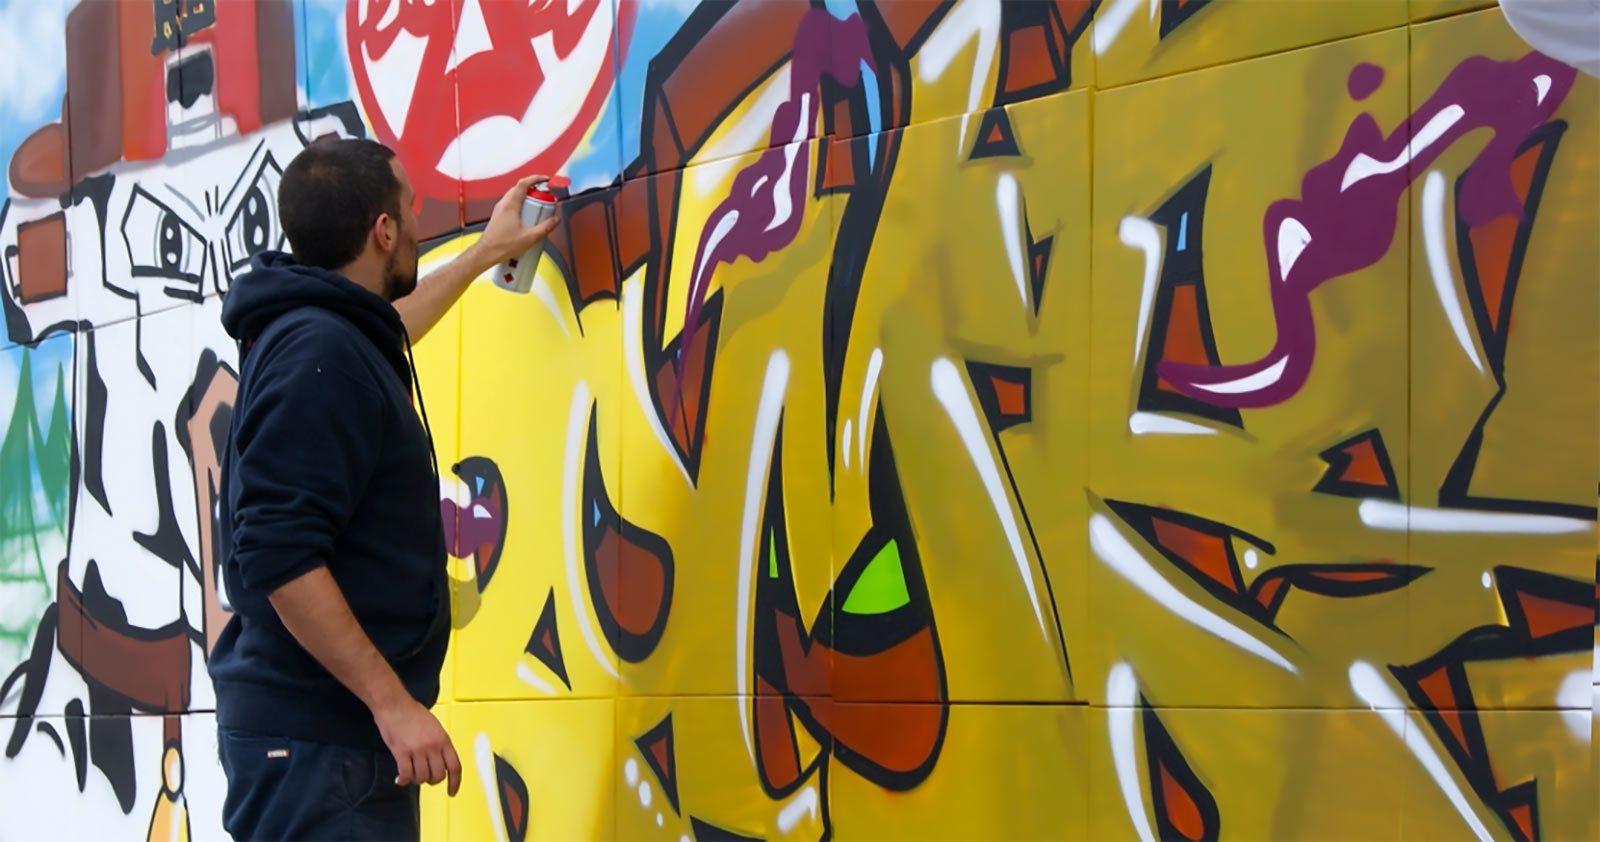 Le graffiti, un truc de bobo gauchiste... vraiment?